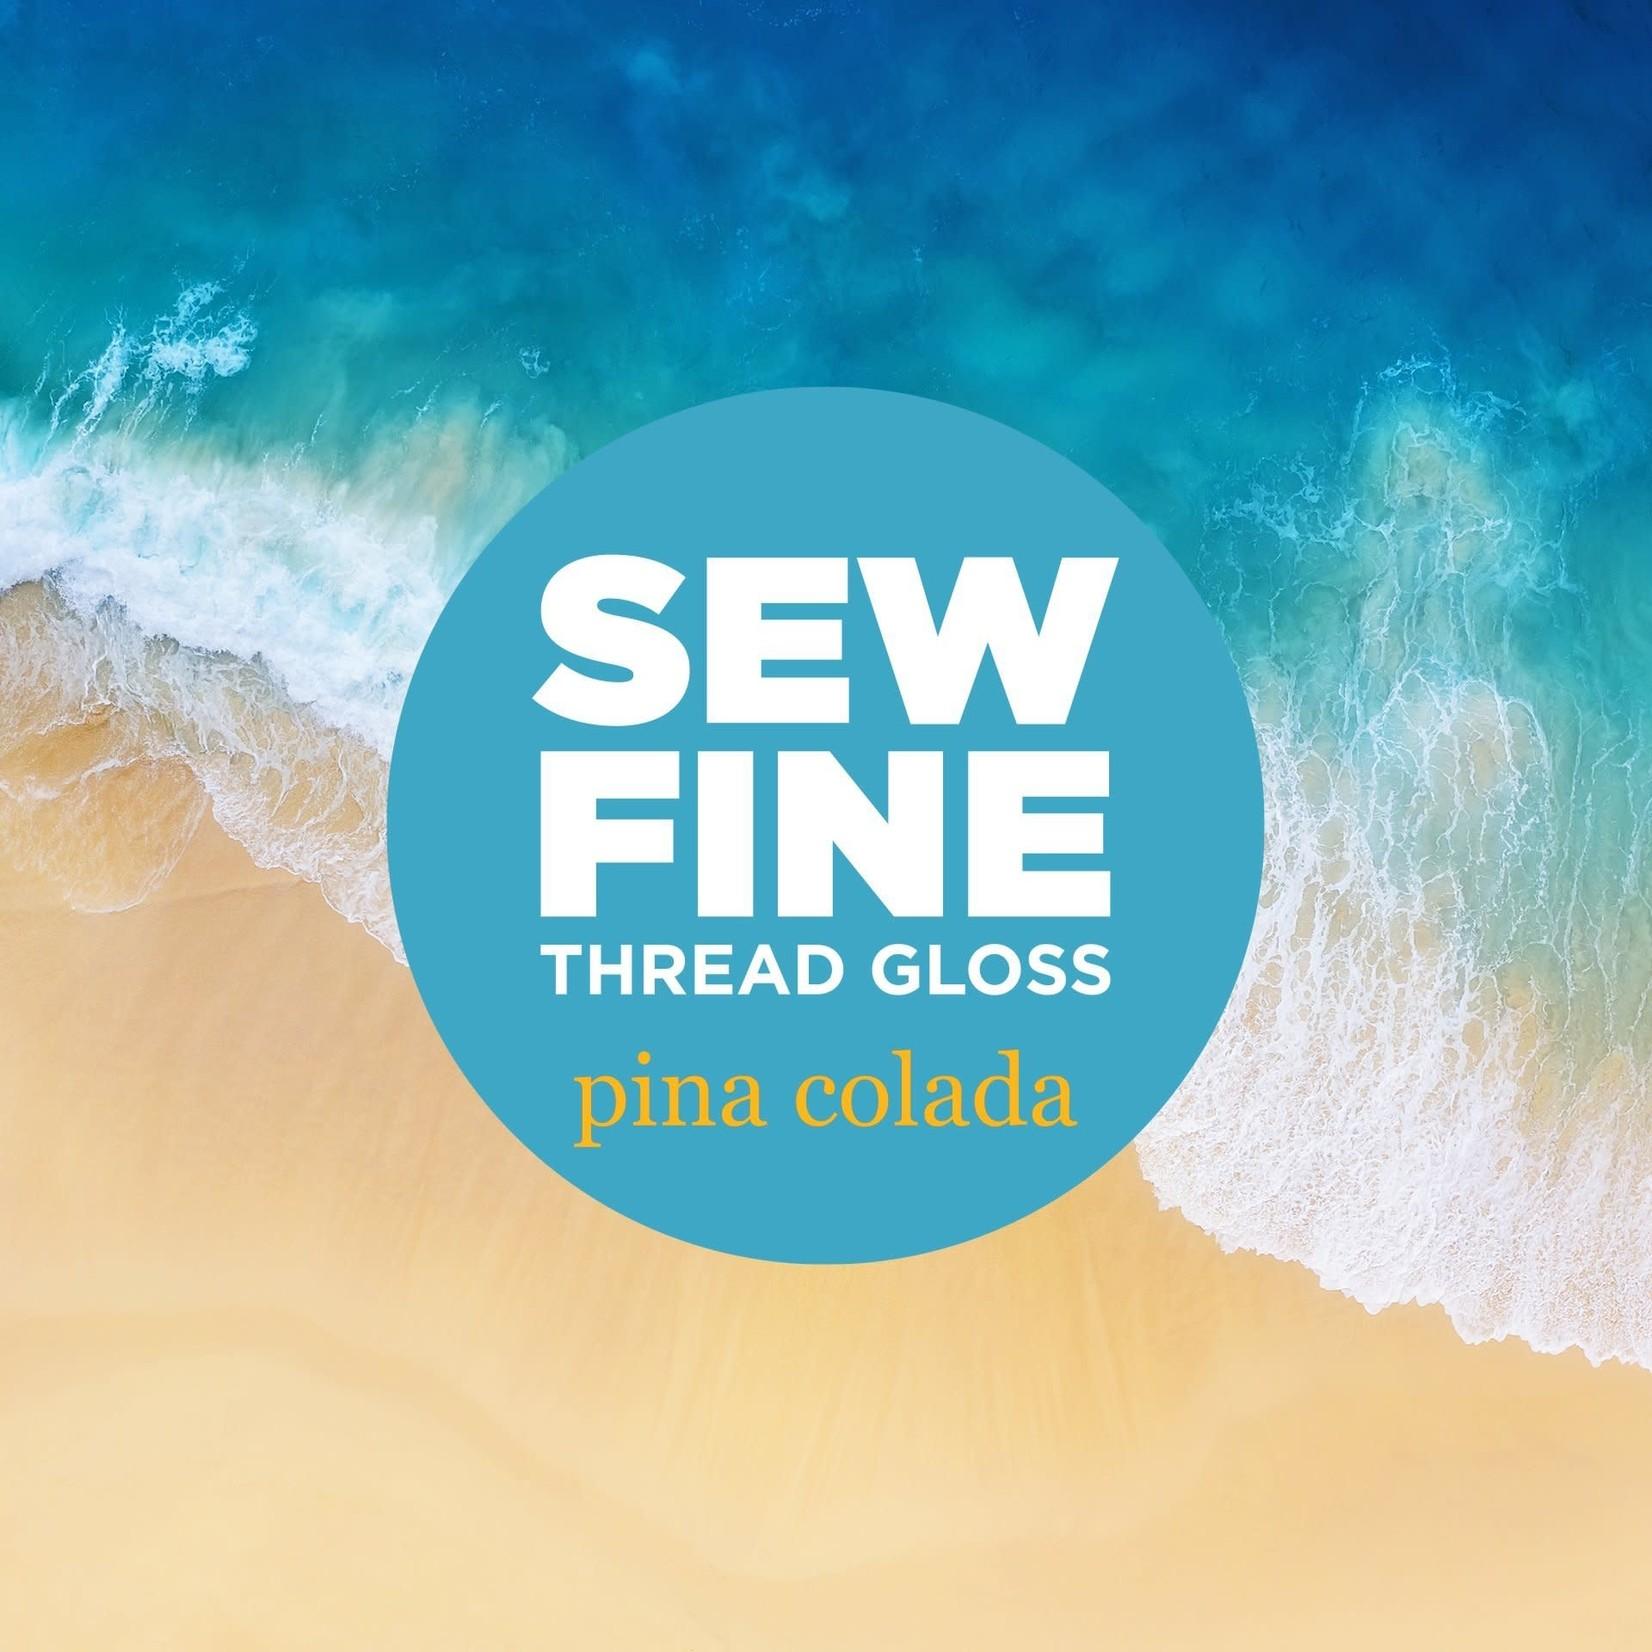 Sew Fine Sew Fine Thread Gloss: Pina Colada 0.5 oz